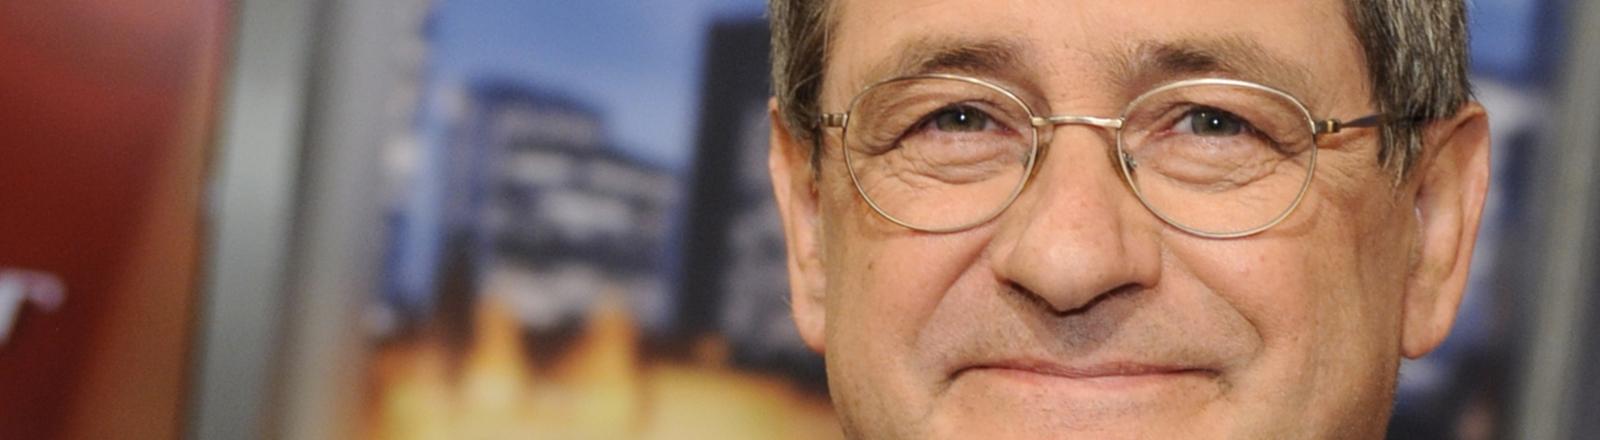 """Der Journalist und Ex-""""Wirtschaftswoche""""-Chefredakteur Roland Tichy zu Gast in der ARD-Talkshow """"Menschen bei Maischberger"""" am 20.05.2014 in Köln."""